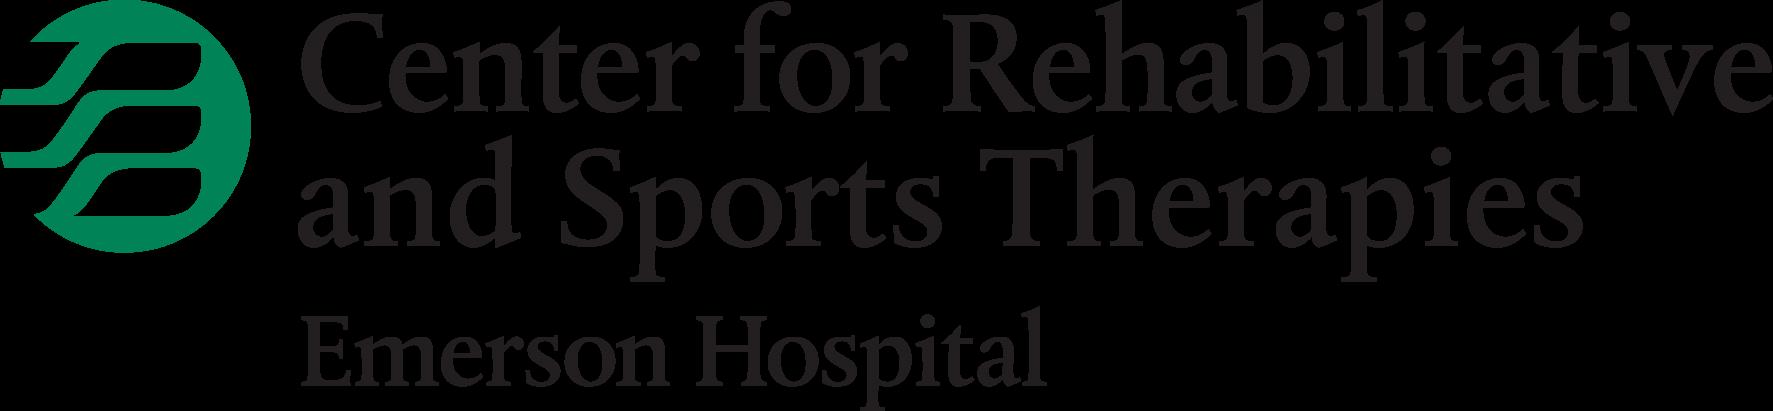 CRST-EH logo -3 lines.png